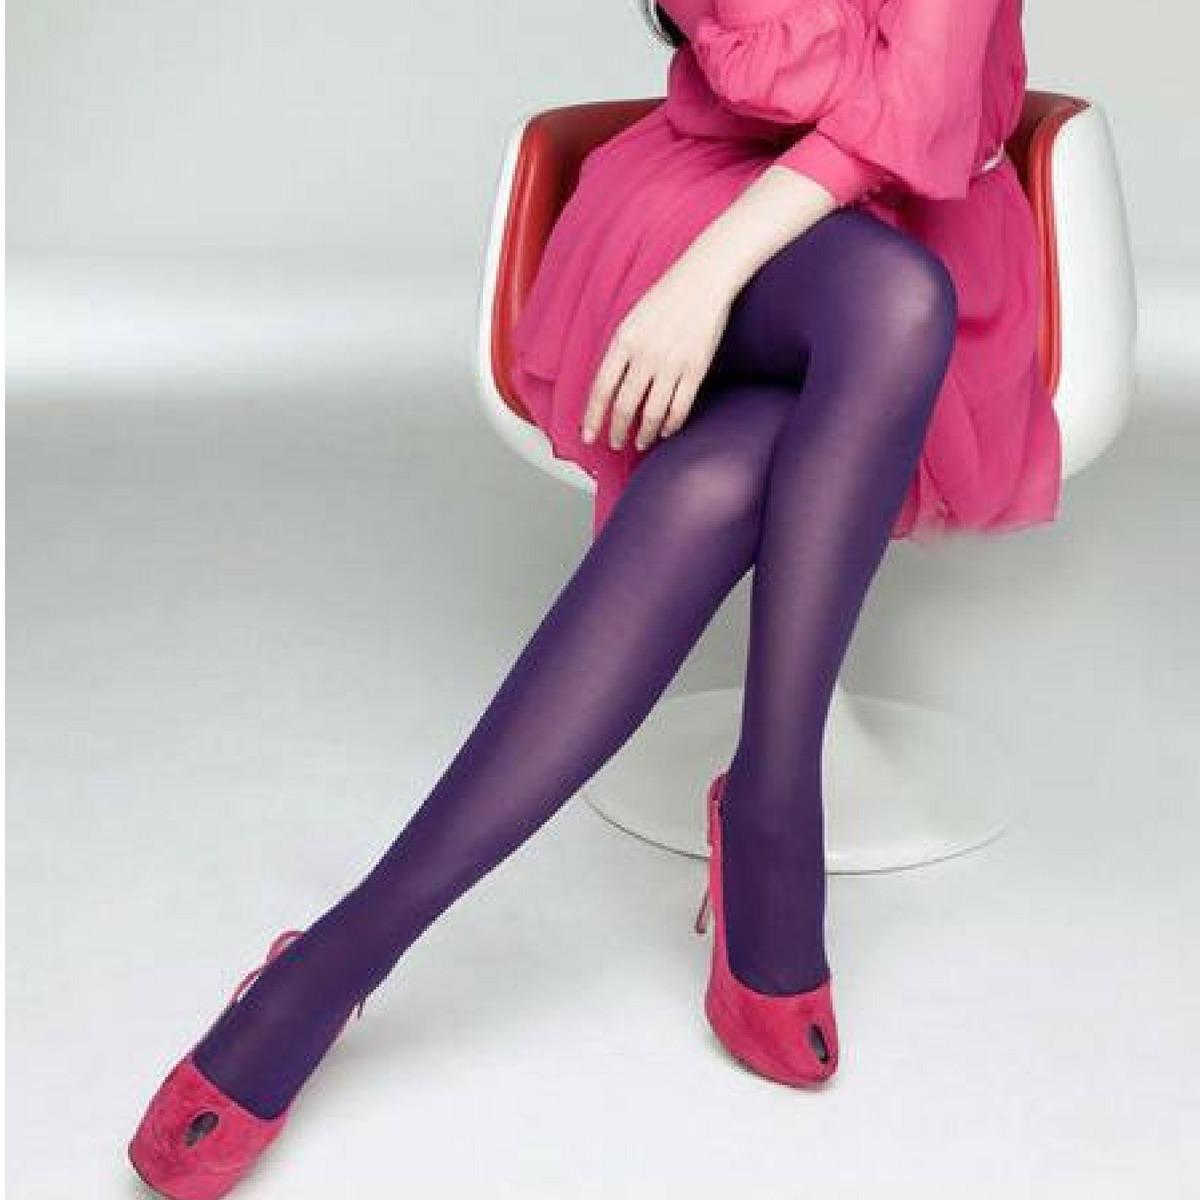 37813af2c meia calça lupo fio 40 roxa colorida promoção de inverno. Carregando zoom.